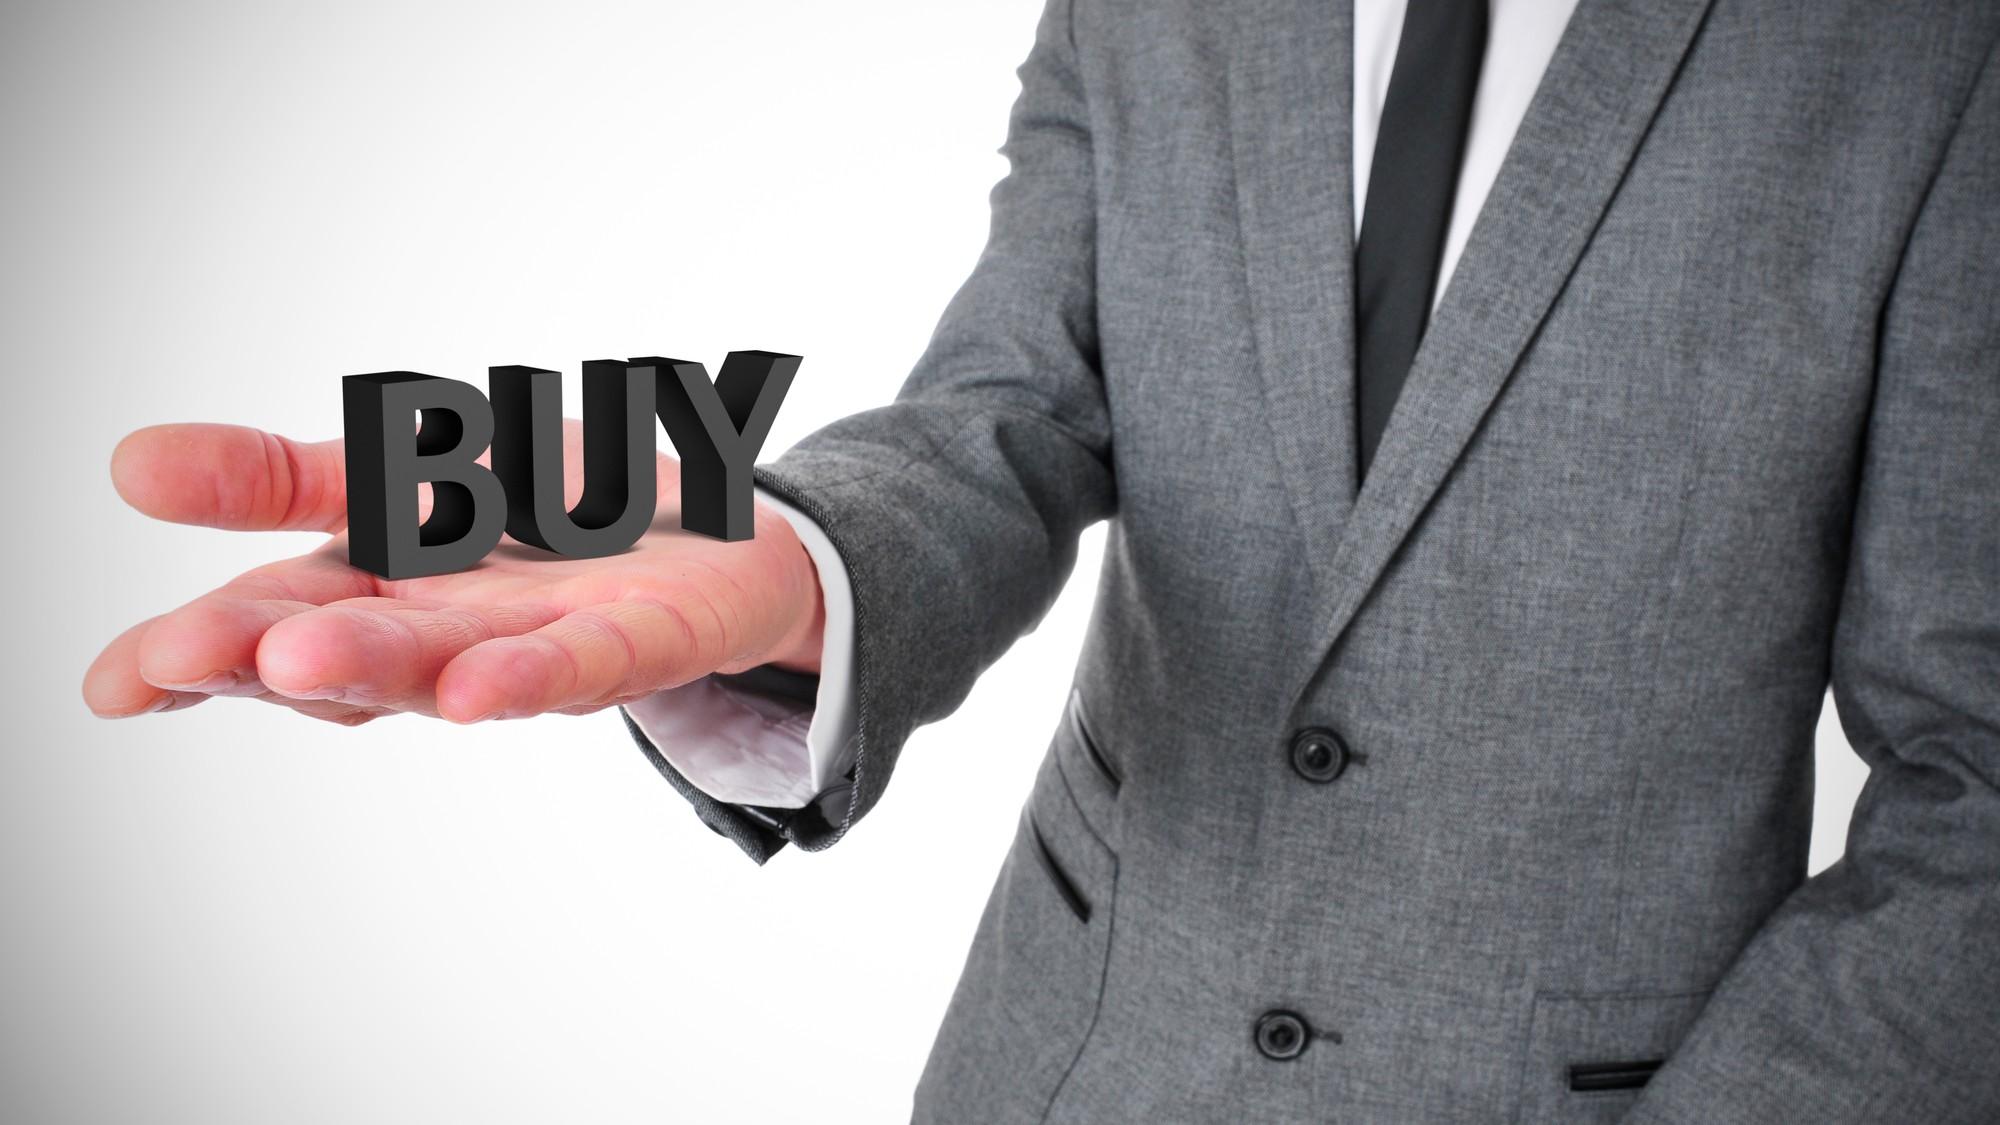 会社を買いたいオーナー必見!「企業買収」の基本プロセス